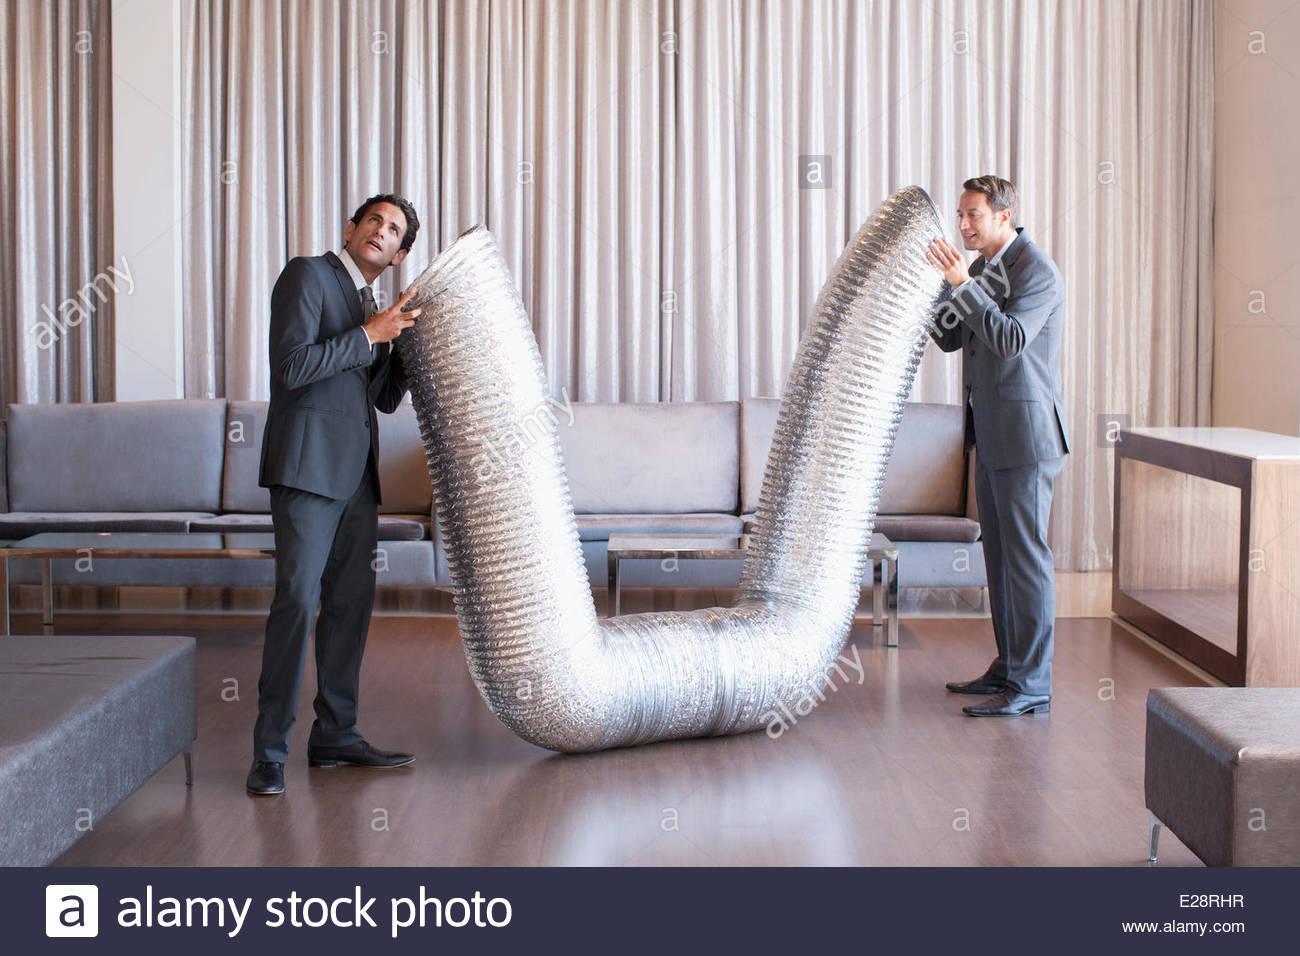 Business people holding tuyau métallique dans le hall de l'hôtel Photo Stock